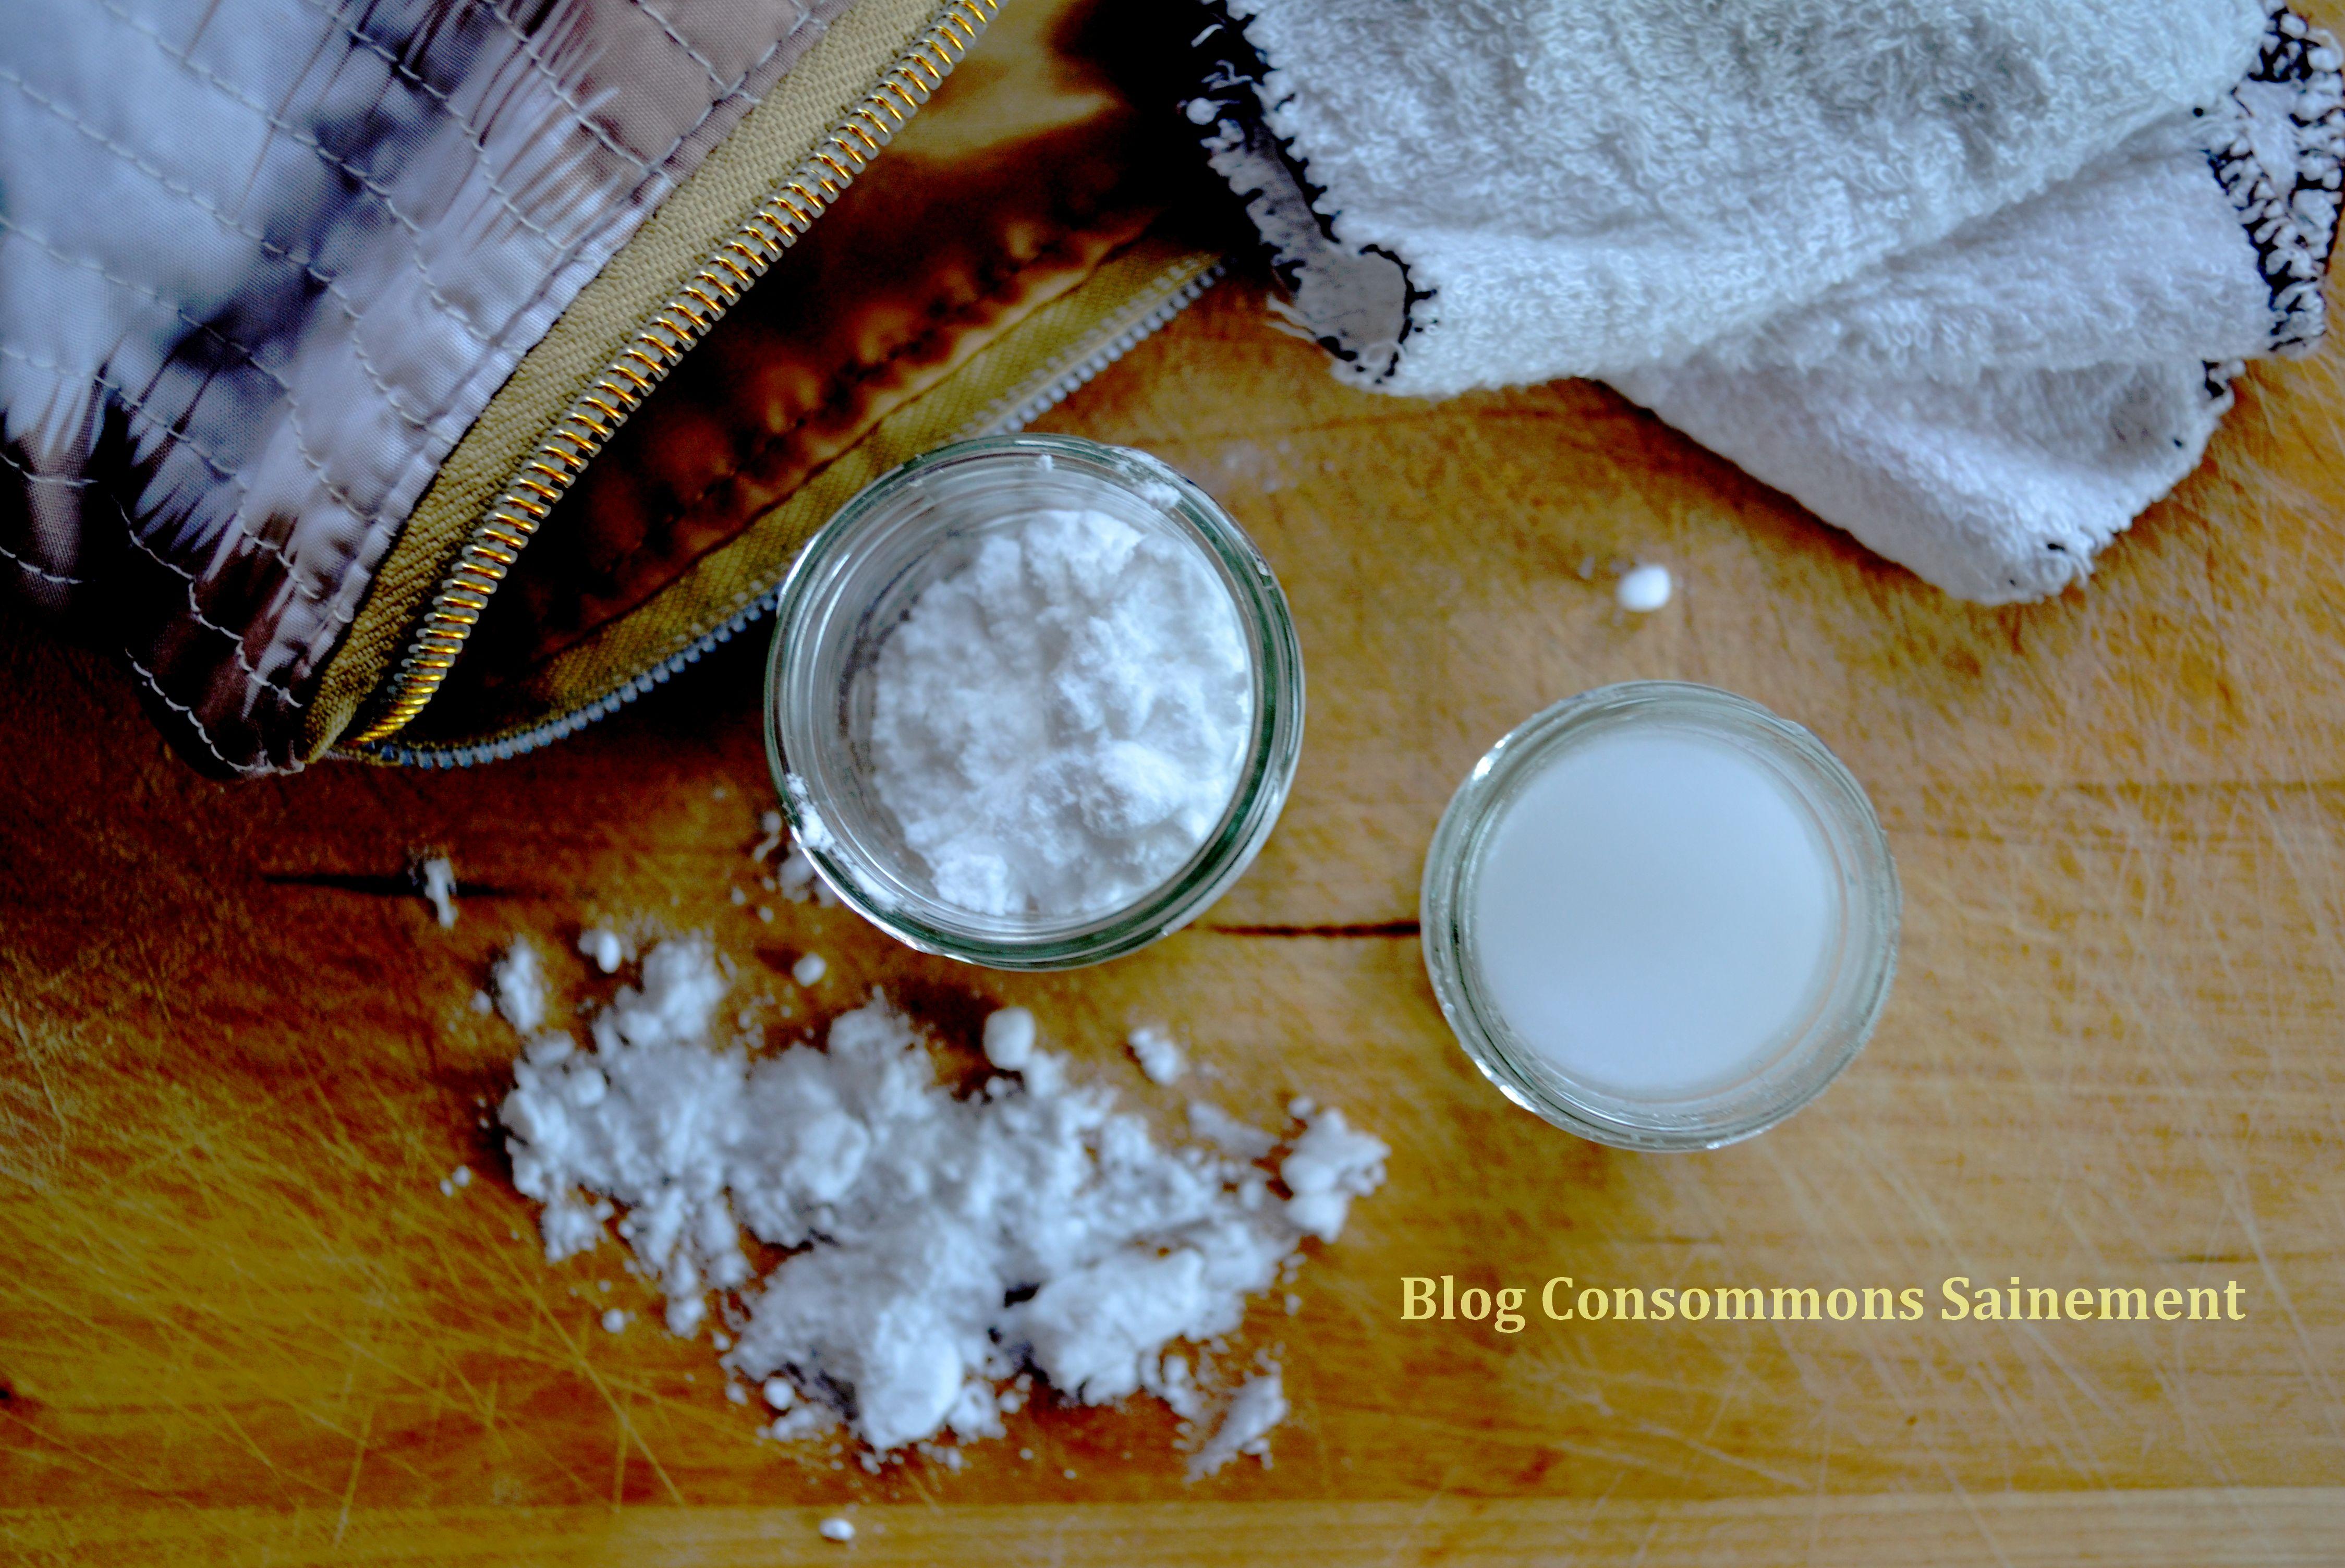 8 ingrénts de votre cuisine que vous pouvez étonnamment utiliser on